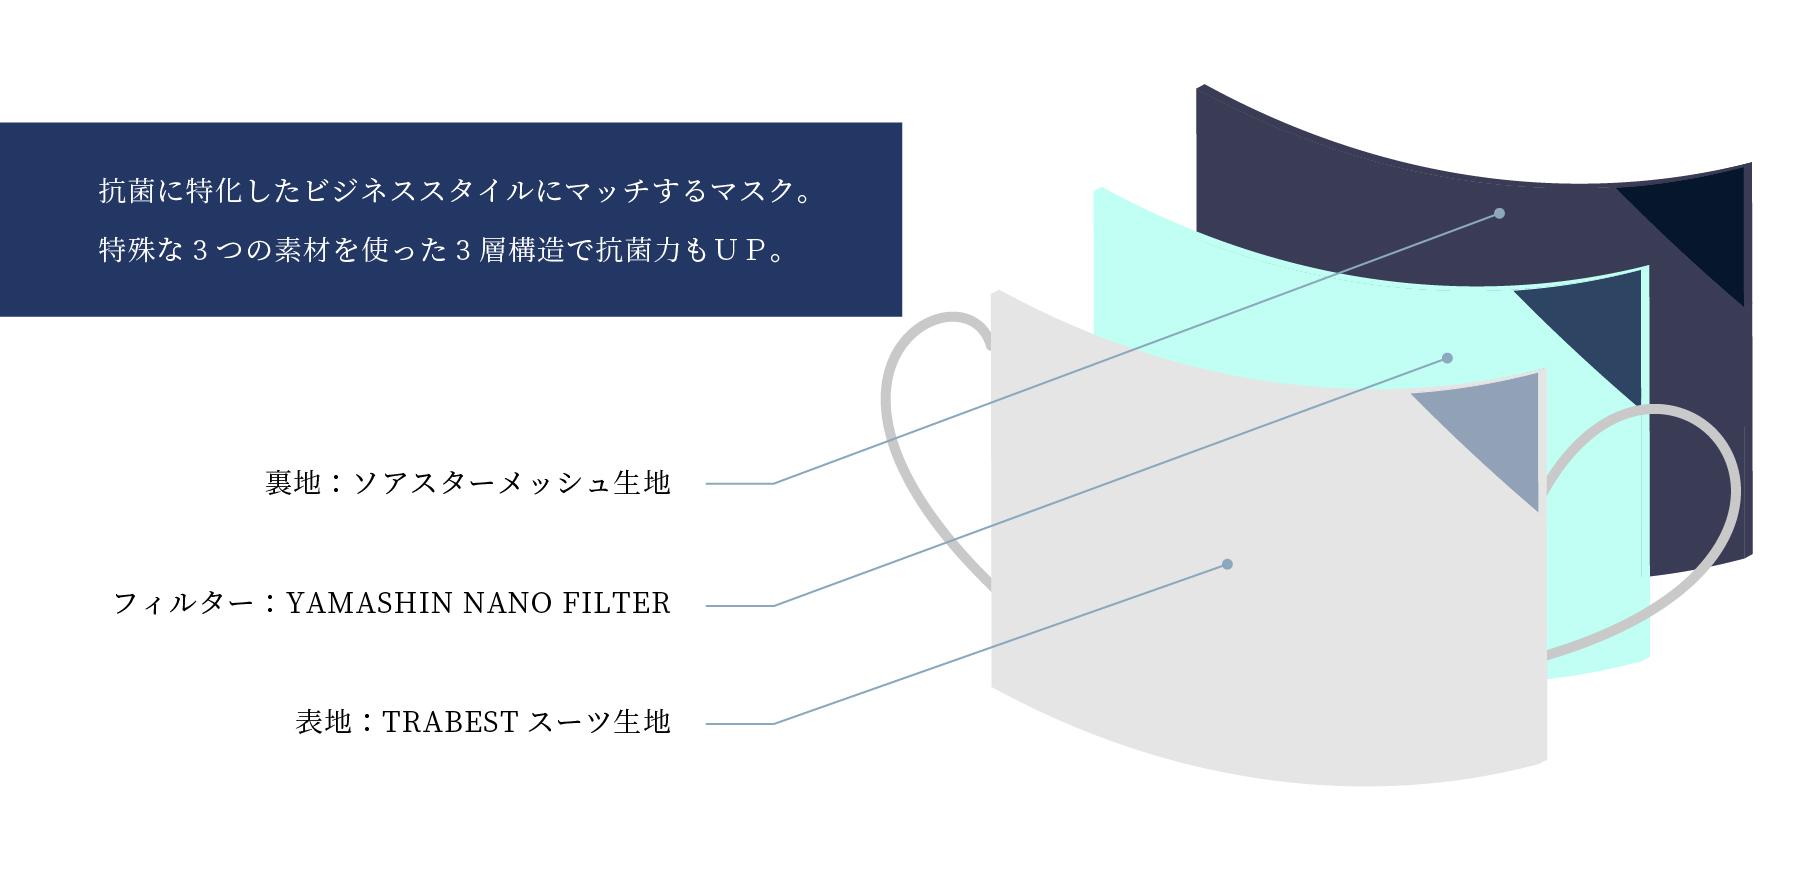 抗菌に特化したビジネススタイルにマッチするマスク。特殊な3つの素材を使った3層構造で抗菌力もUP。